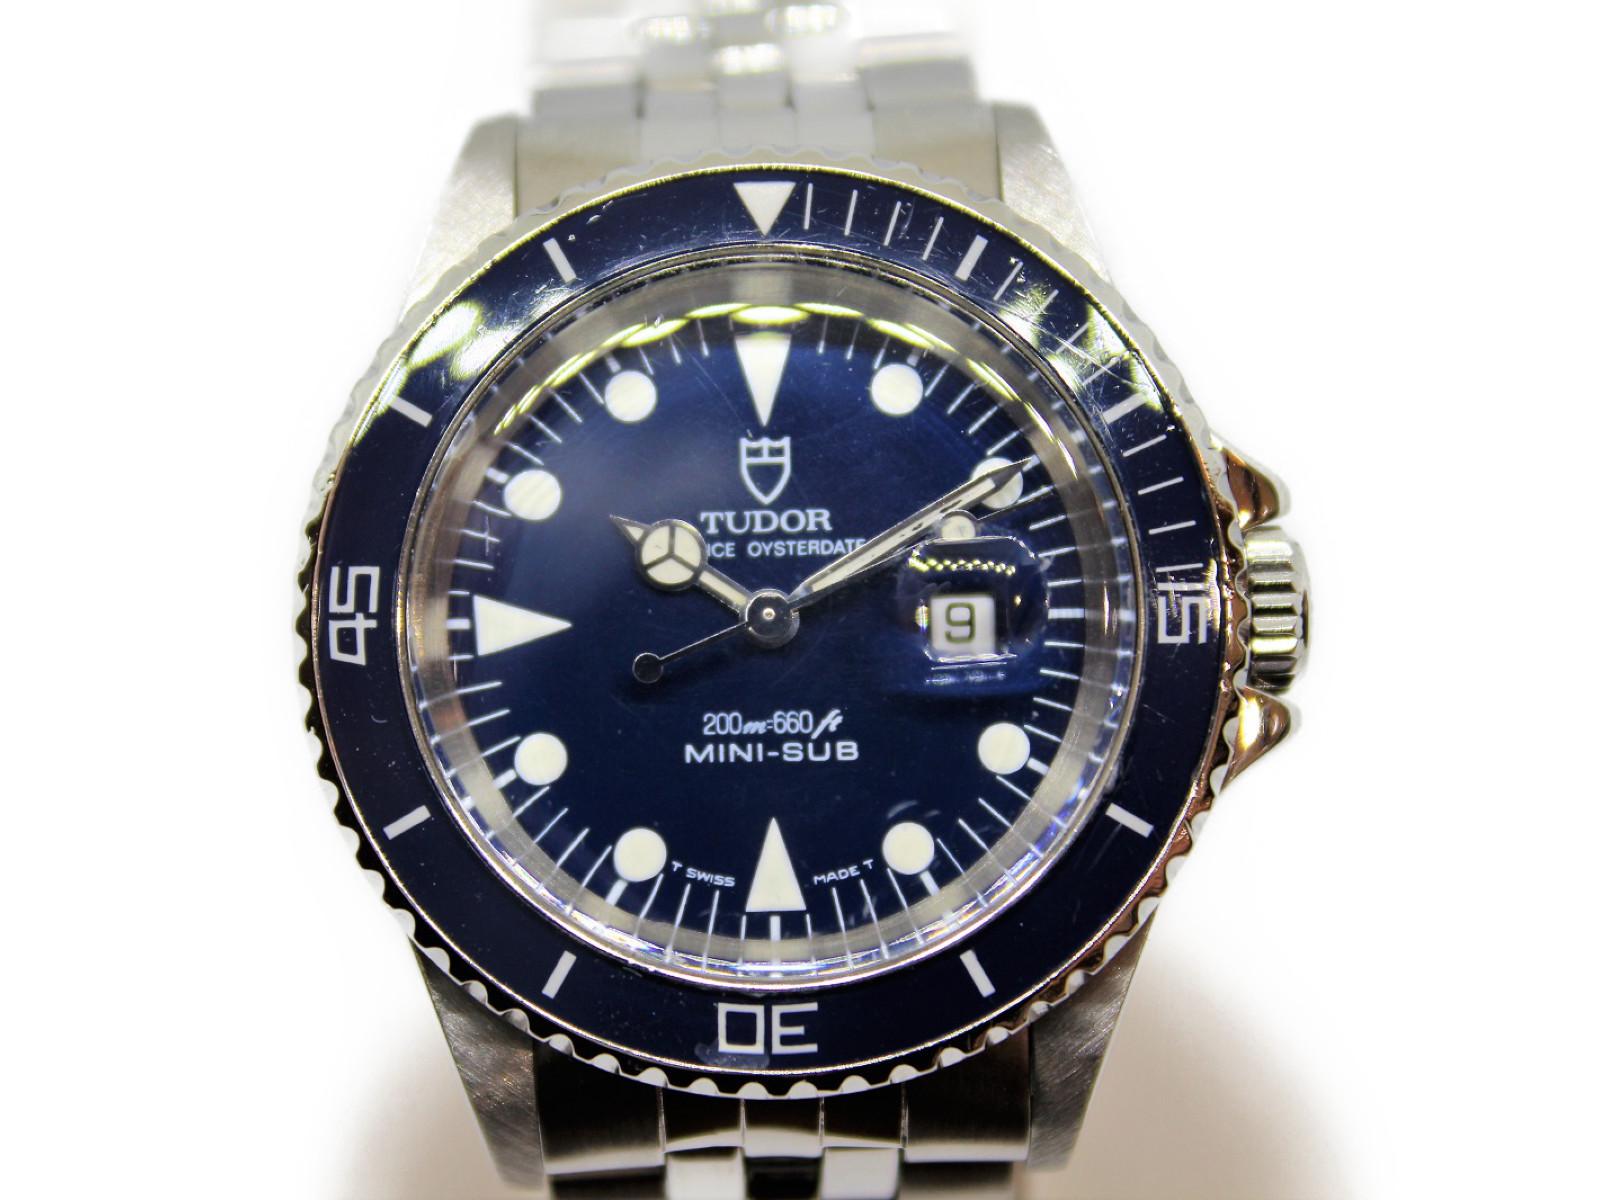 【1991年製】TUDOR チュードル プリンスオイスターデイト ミニサブ 73090 ネイビー メンズ ボーイズ 自動巻き 腕時計 【中古】